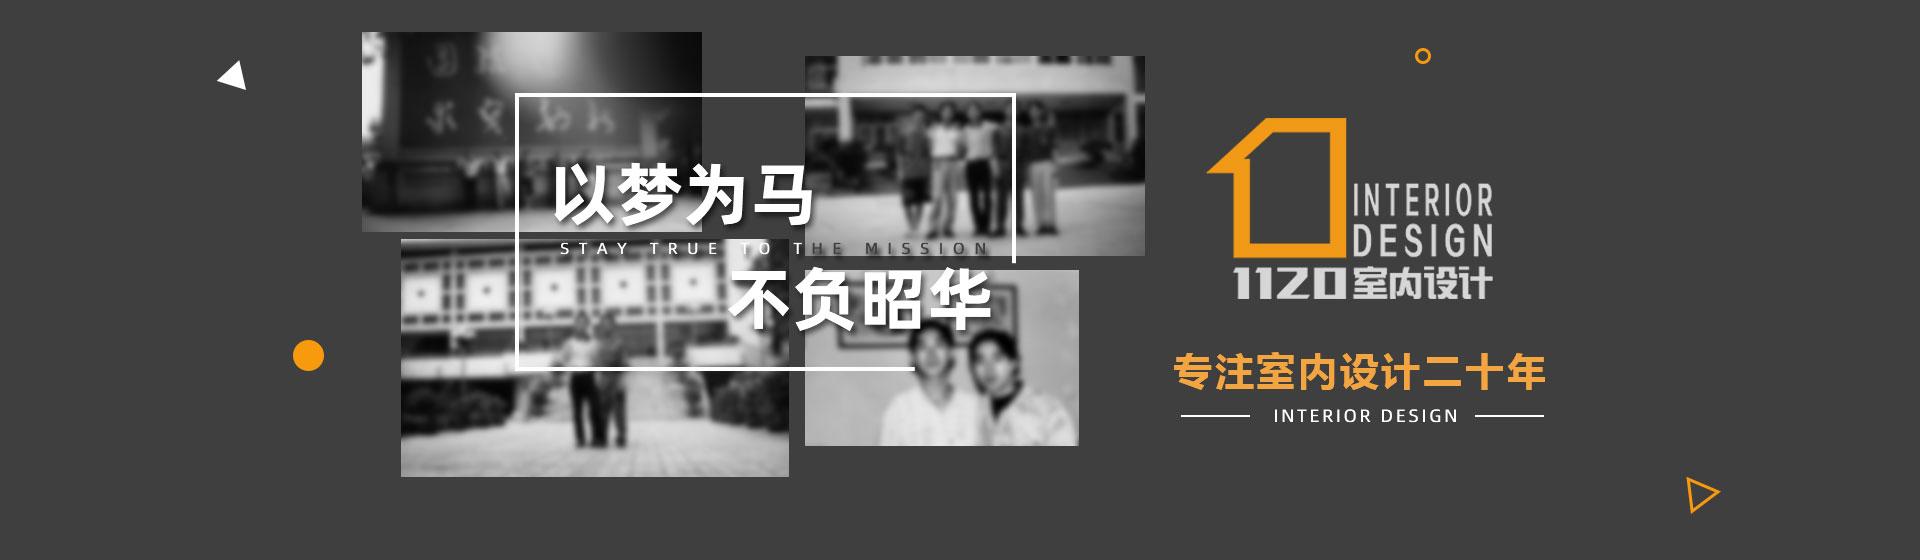 重庆别墅设计公司